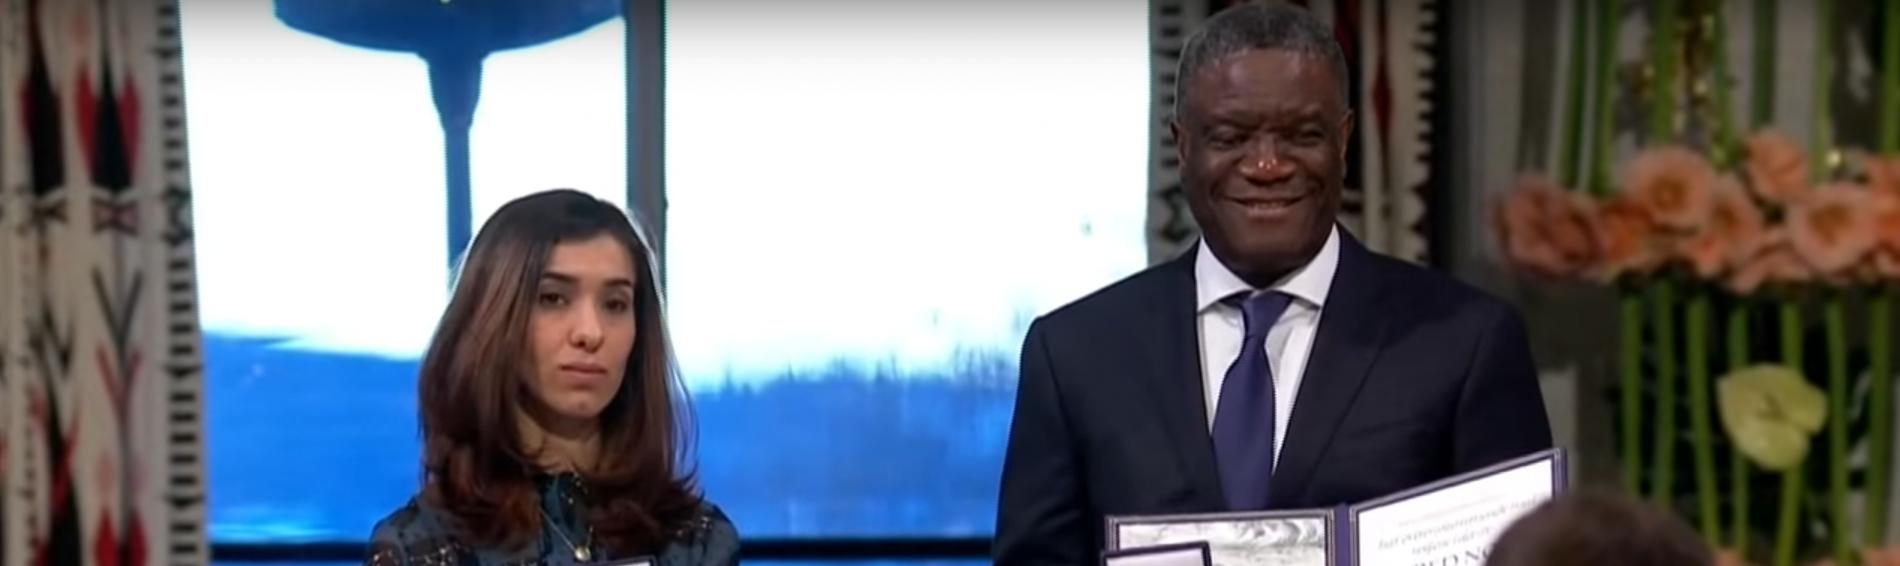 Träger des Friedensnobelpreises Nadia Murad und Denis Mukwege